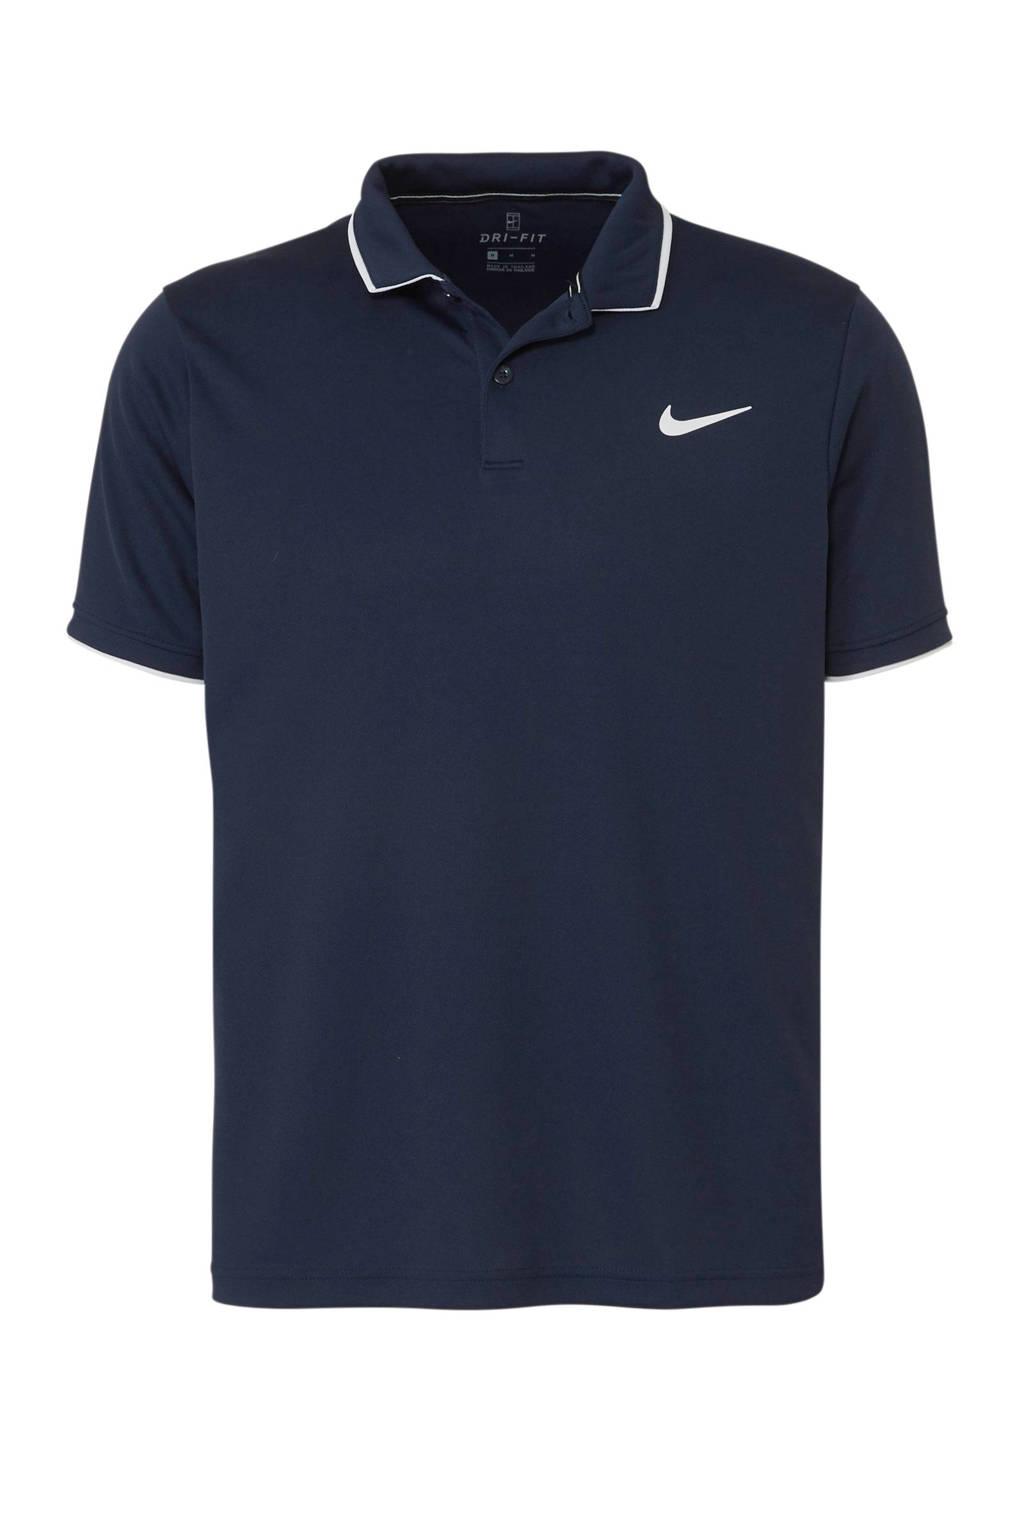 Nike   sportpolo donkerblauw, Donkerblauw